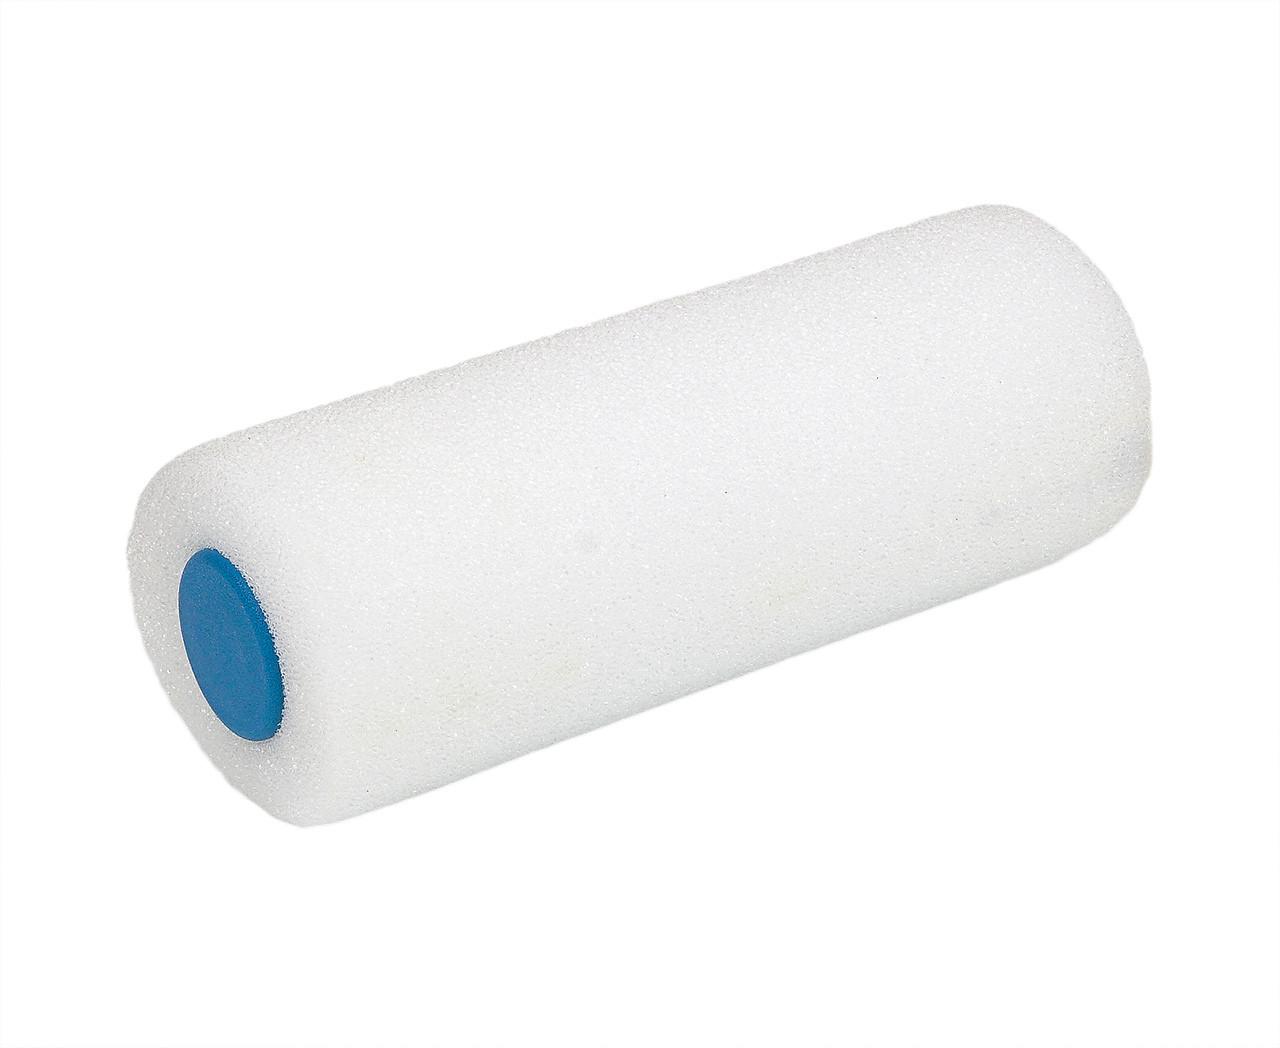 Валик поролоновый Polax Foam rubber 6 X 50 X130 мм (1-06)